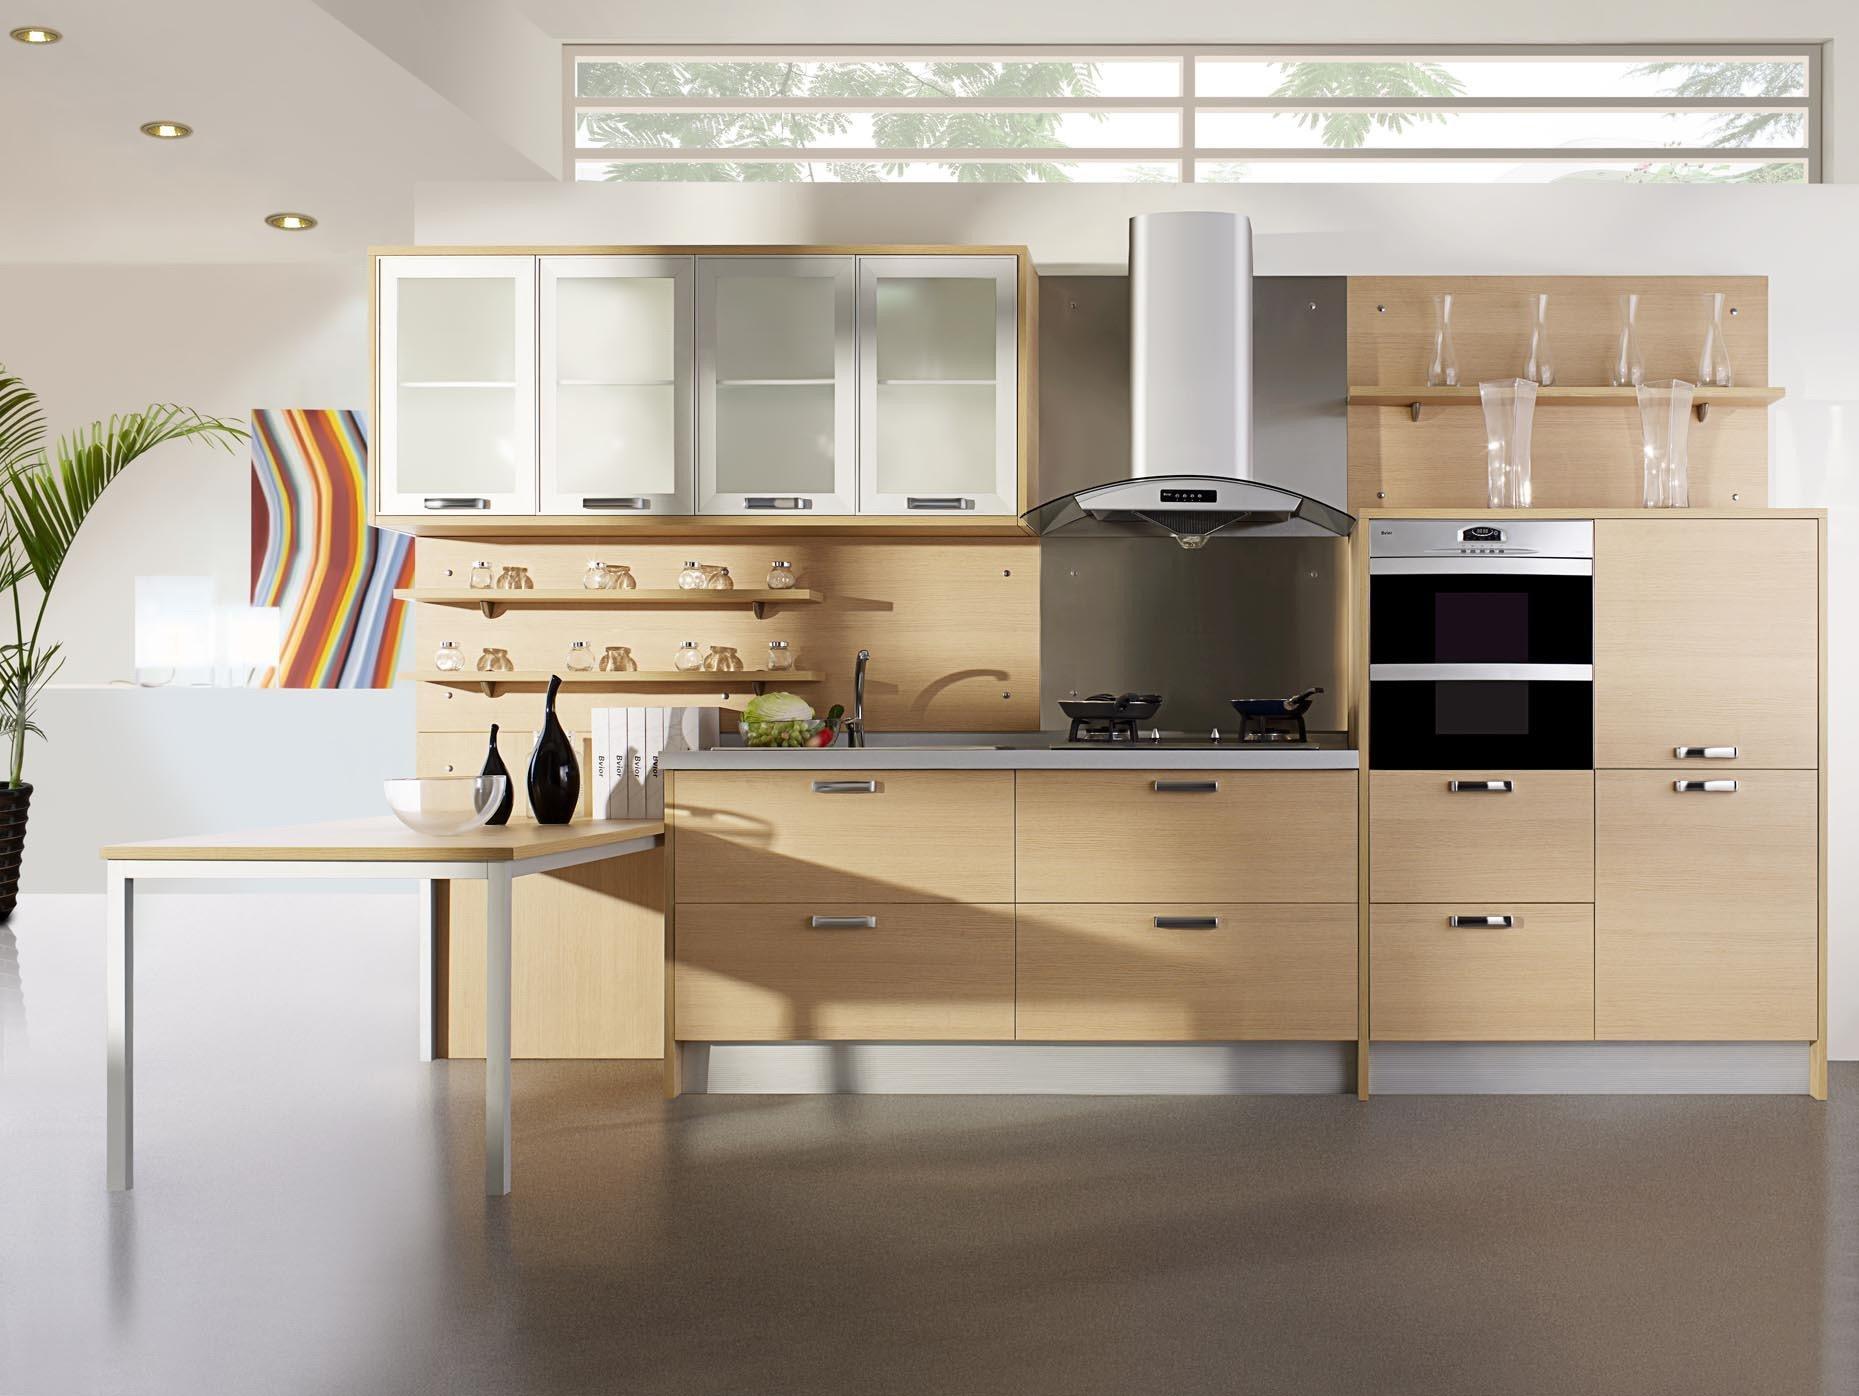 крупным планом фото кухни крайней мере